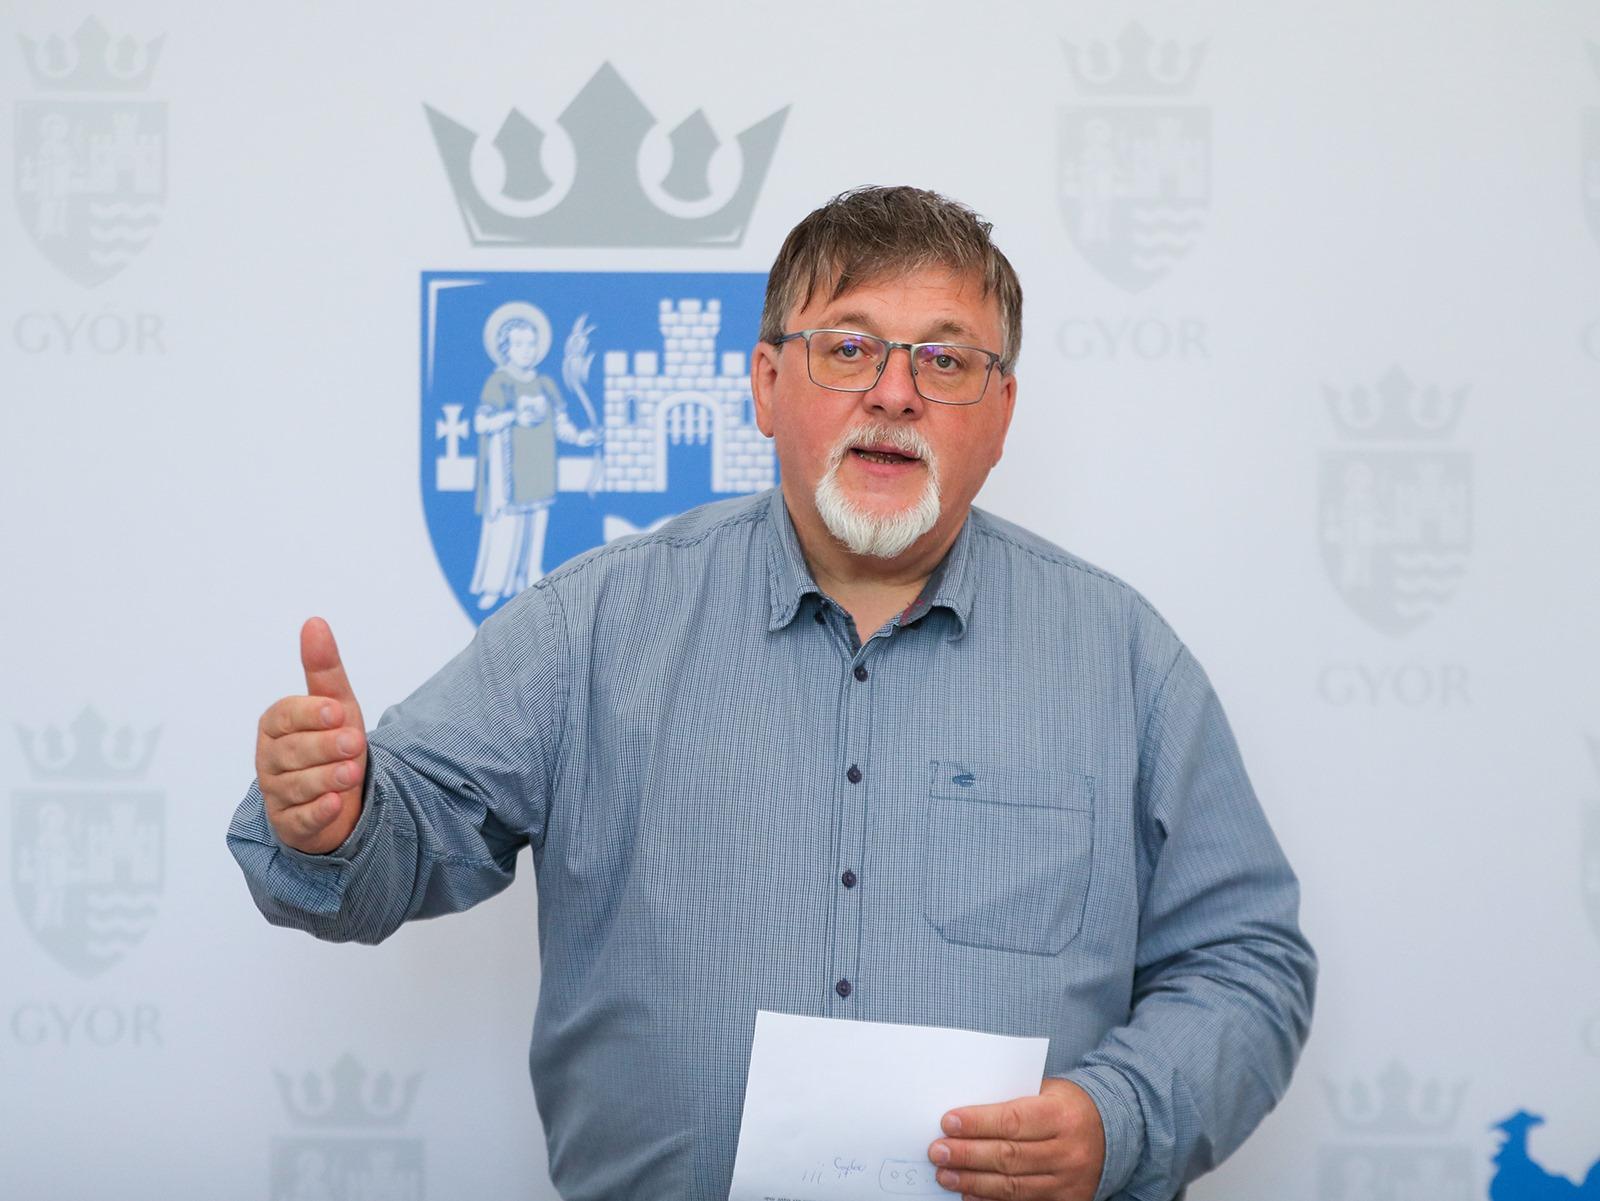 Győr fideszes polgármestere szerint sem olyan jó ötlet privatizálni az önkormányzati bérlakásokat